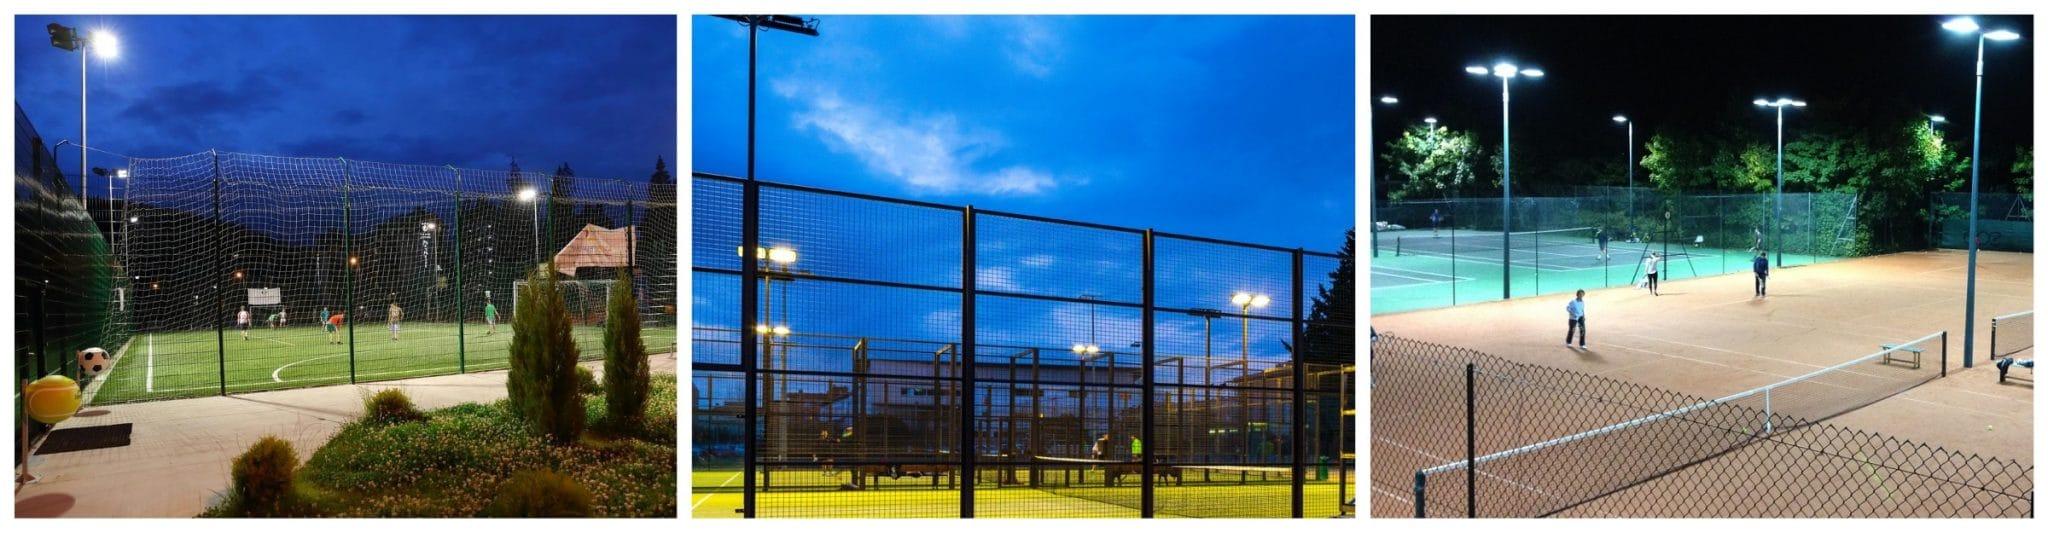 Освещение спортивных площадок